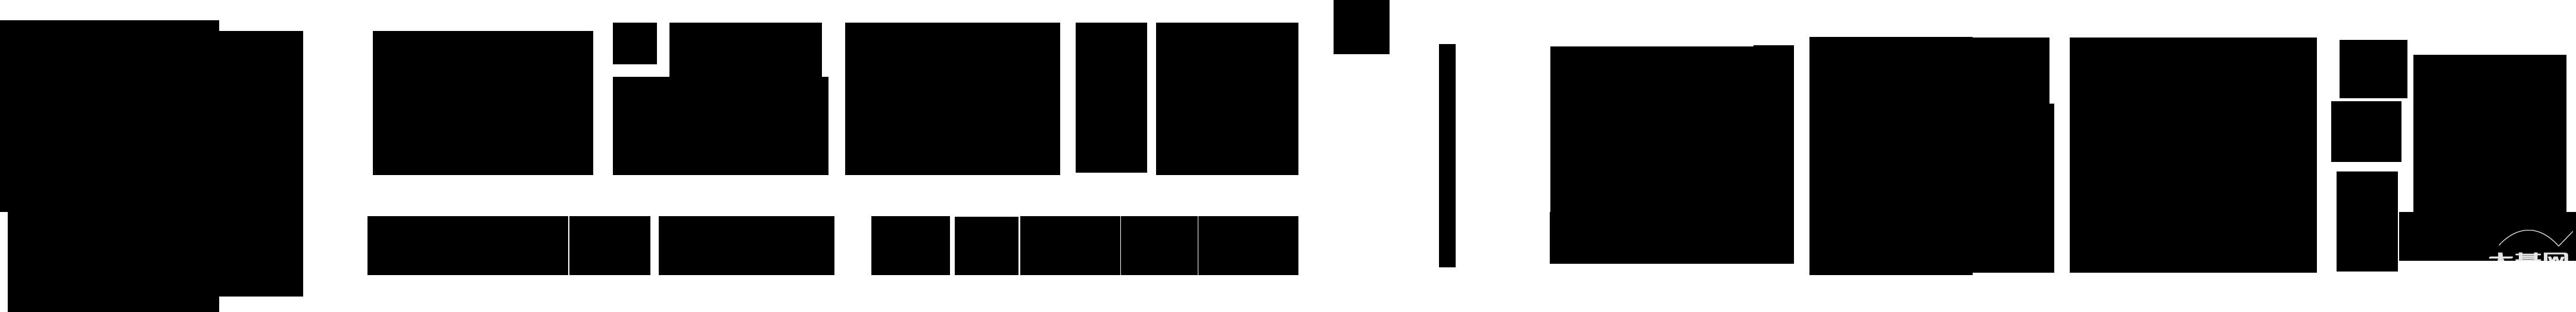 綦江万达logo1.png